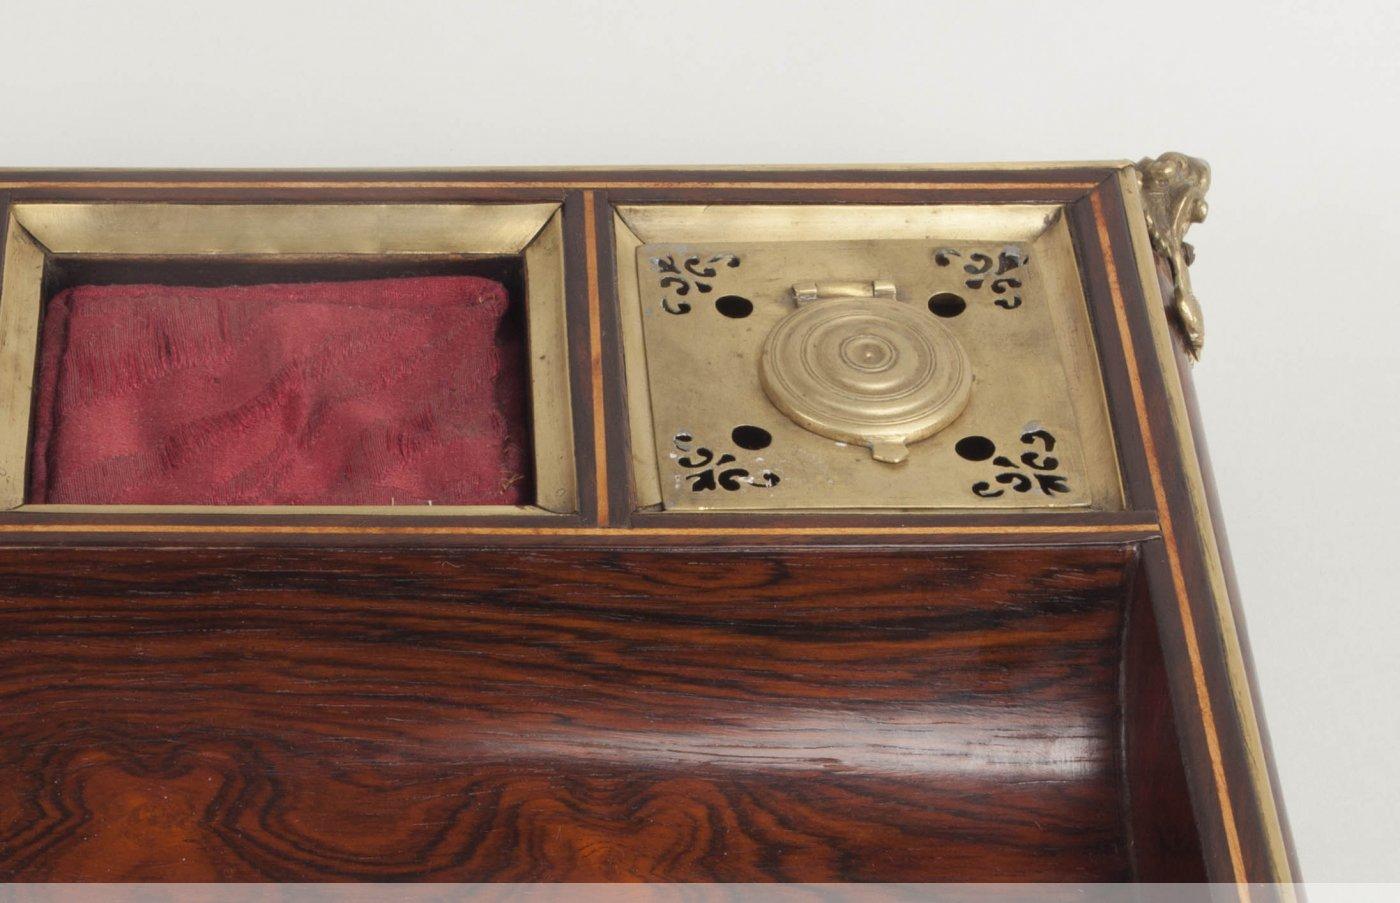 Encrier en palissandre et bronze dor d 39 poque louis xv xviiie si cle - Galerie gilles linossier ...